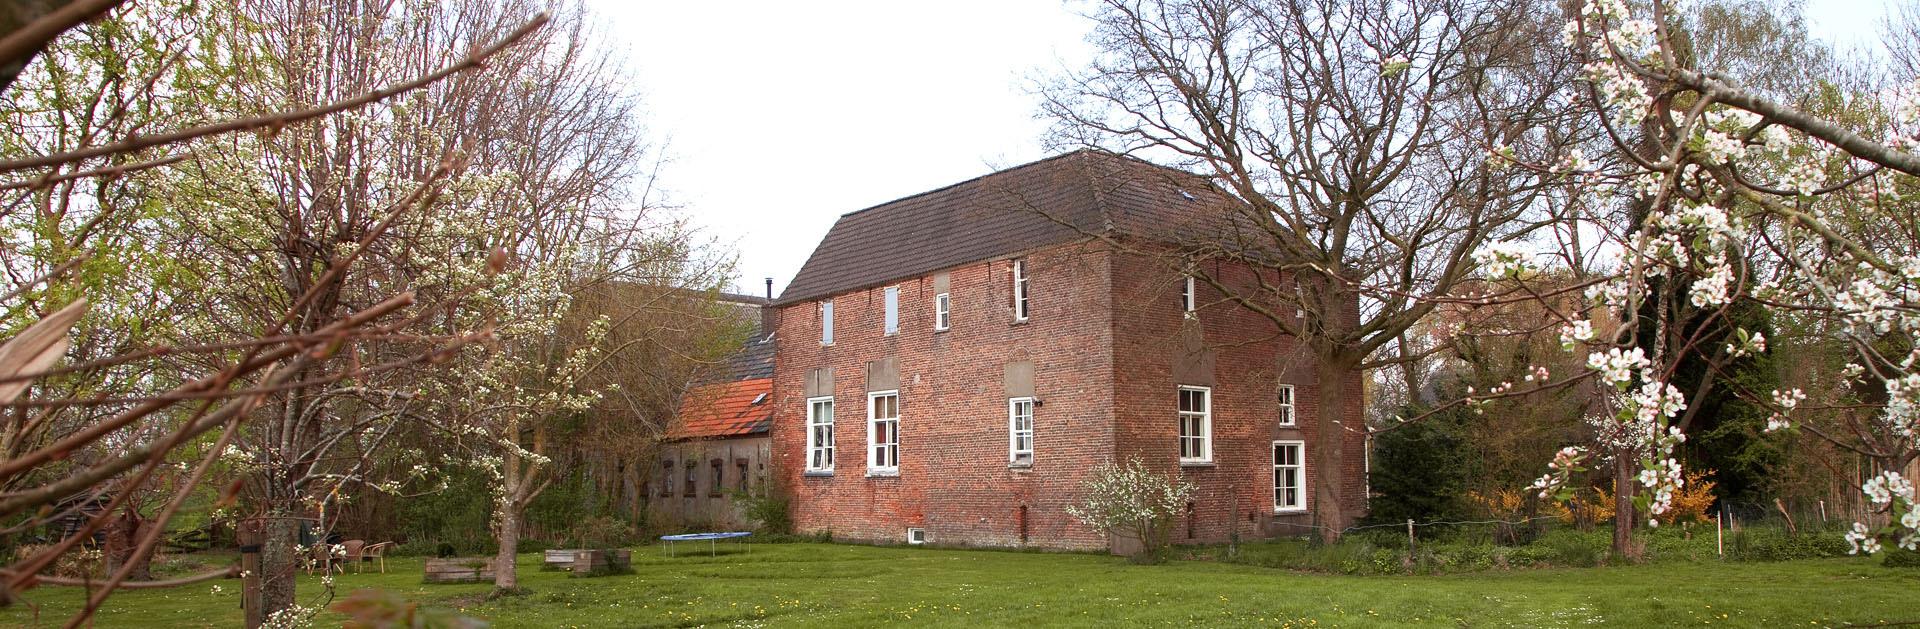 Huis Rijswijk - Groessen